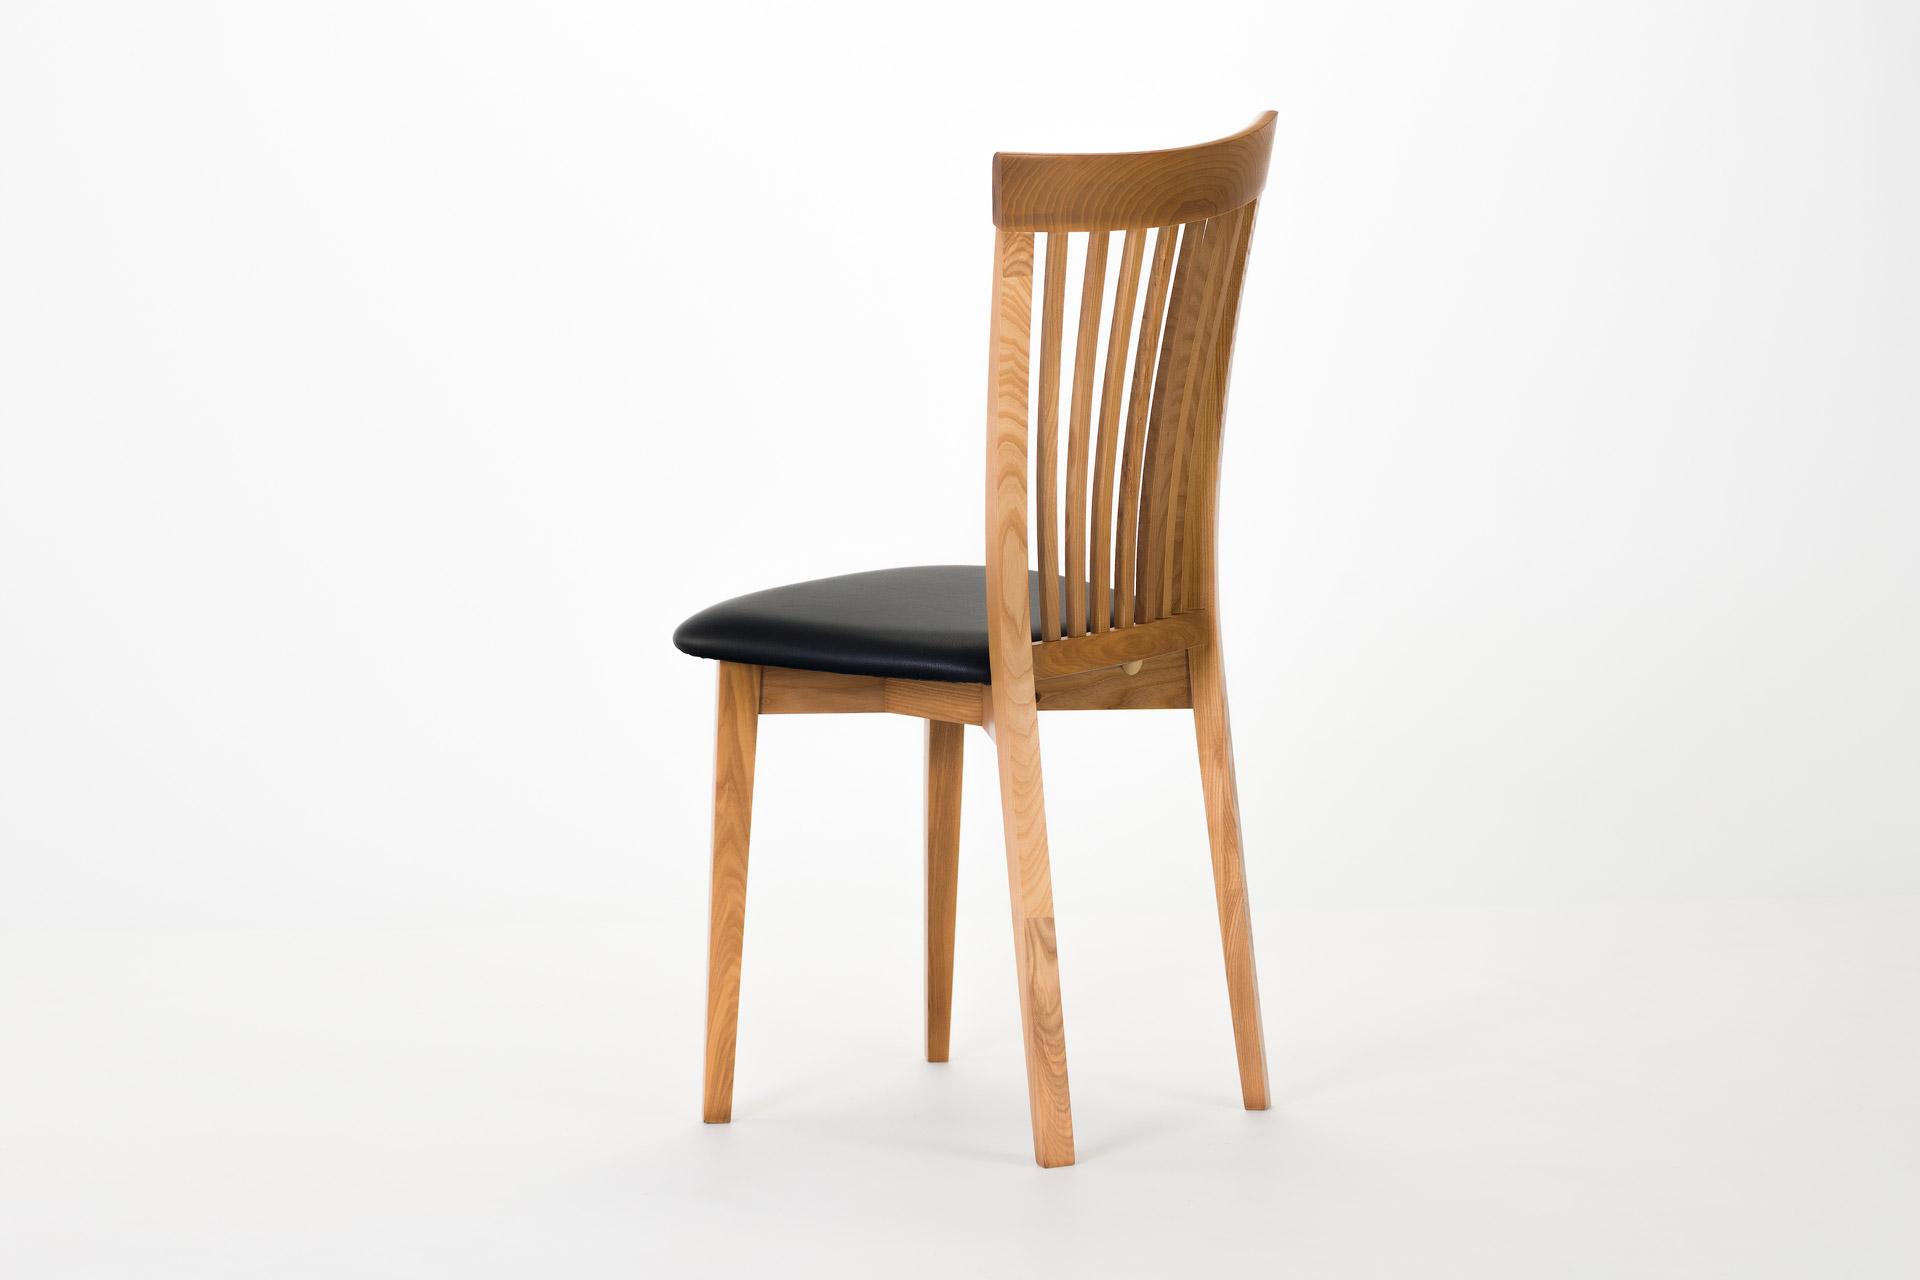 Дерявянный стул киев